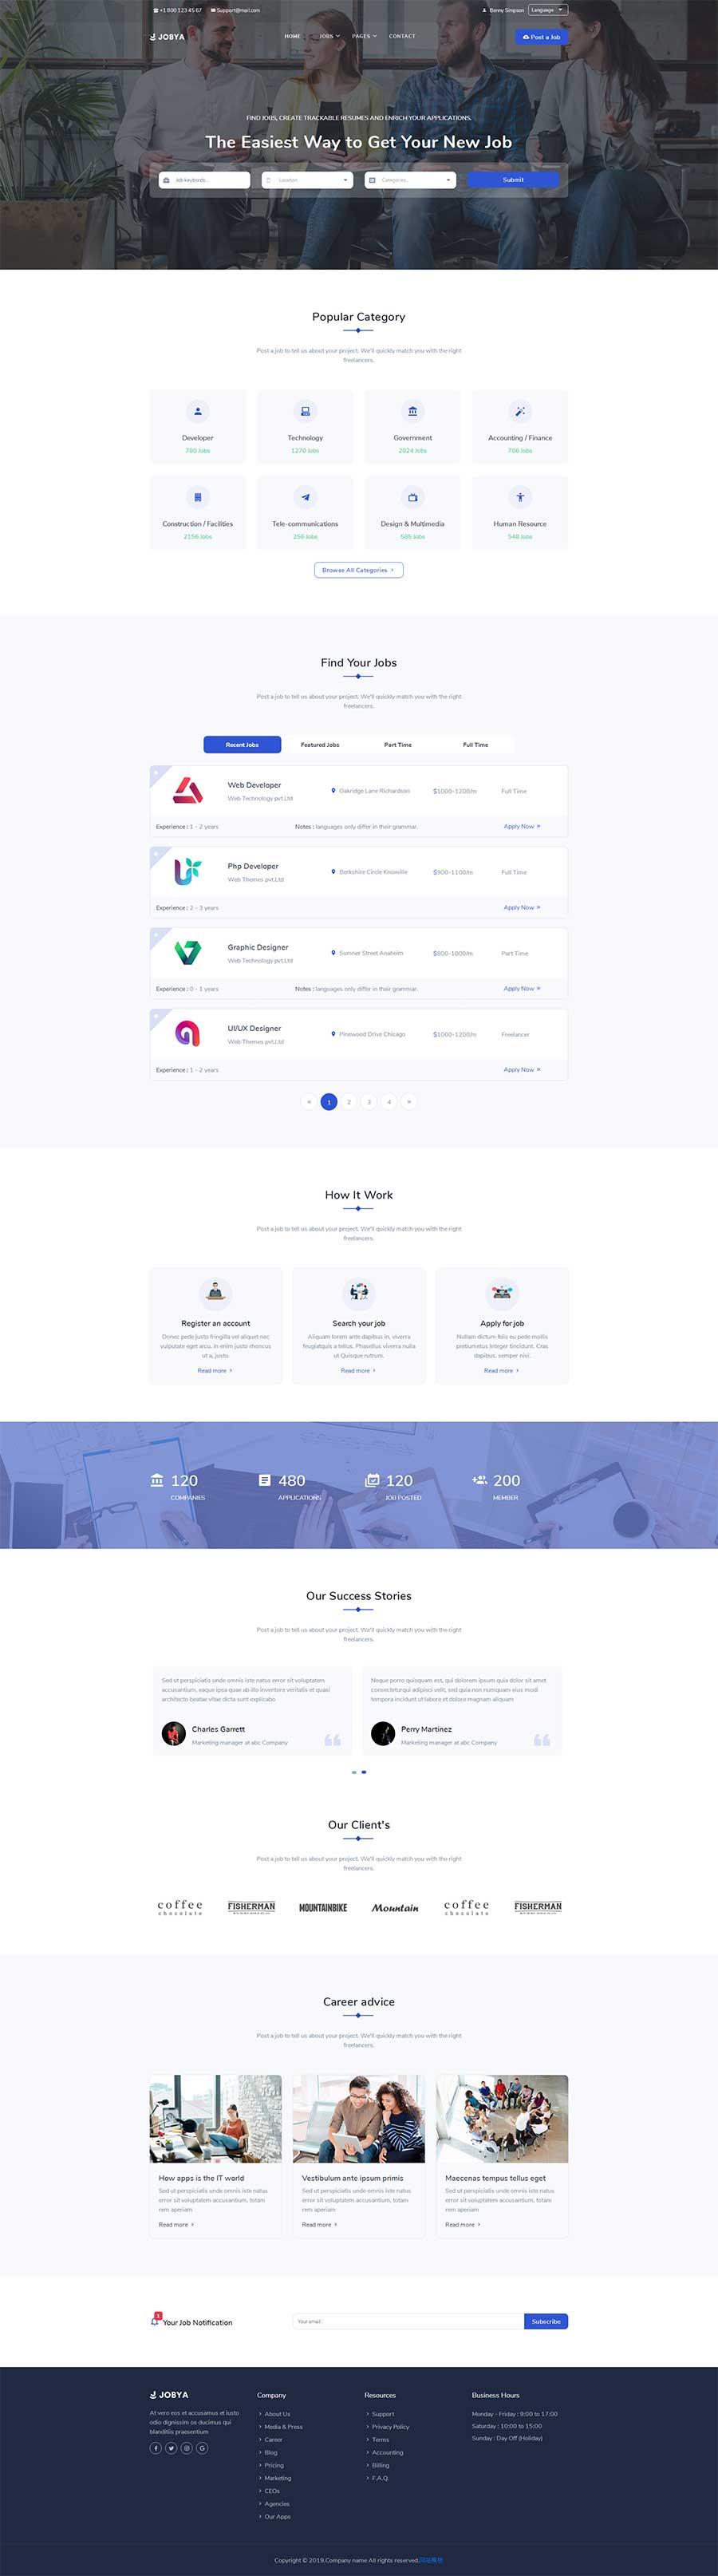 蓝色风格html5响应式工作招聘平台网站模板